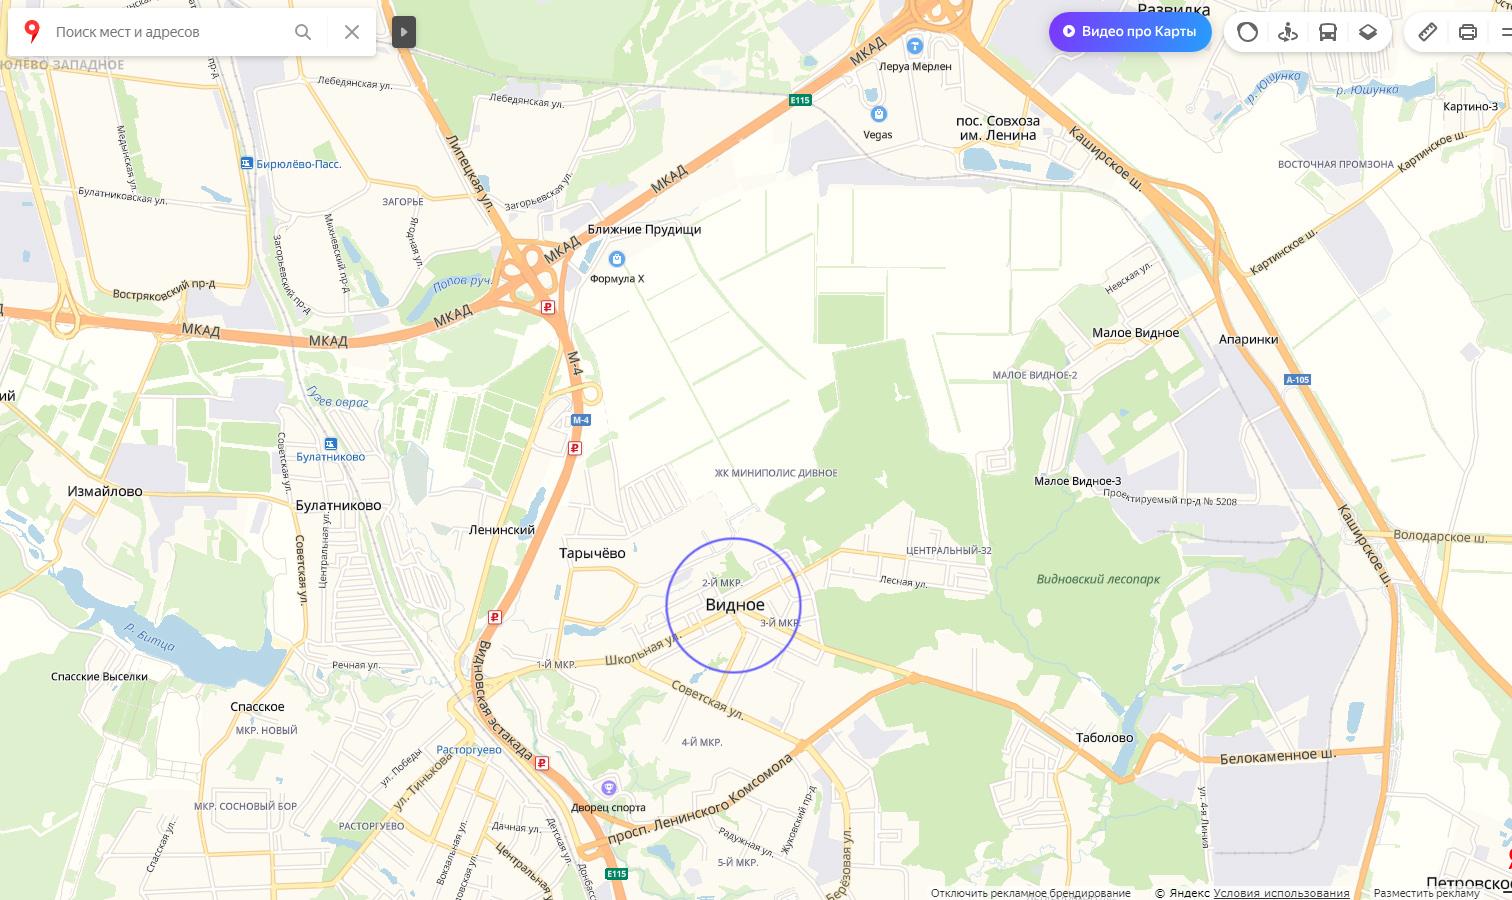 город Видное на карте - транспортная доступность